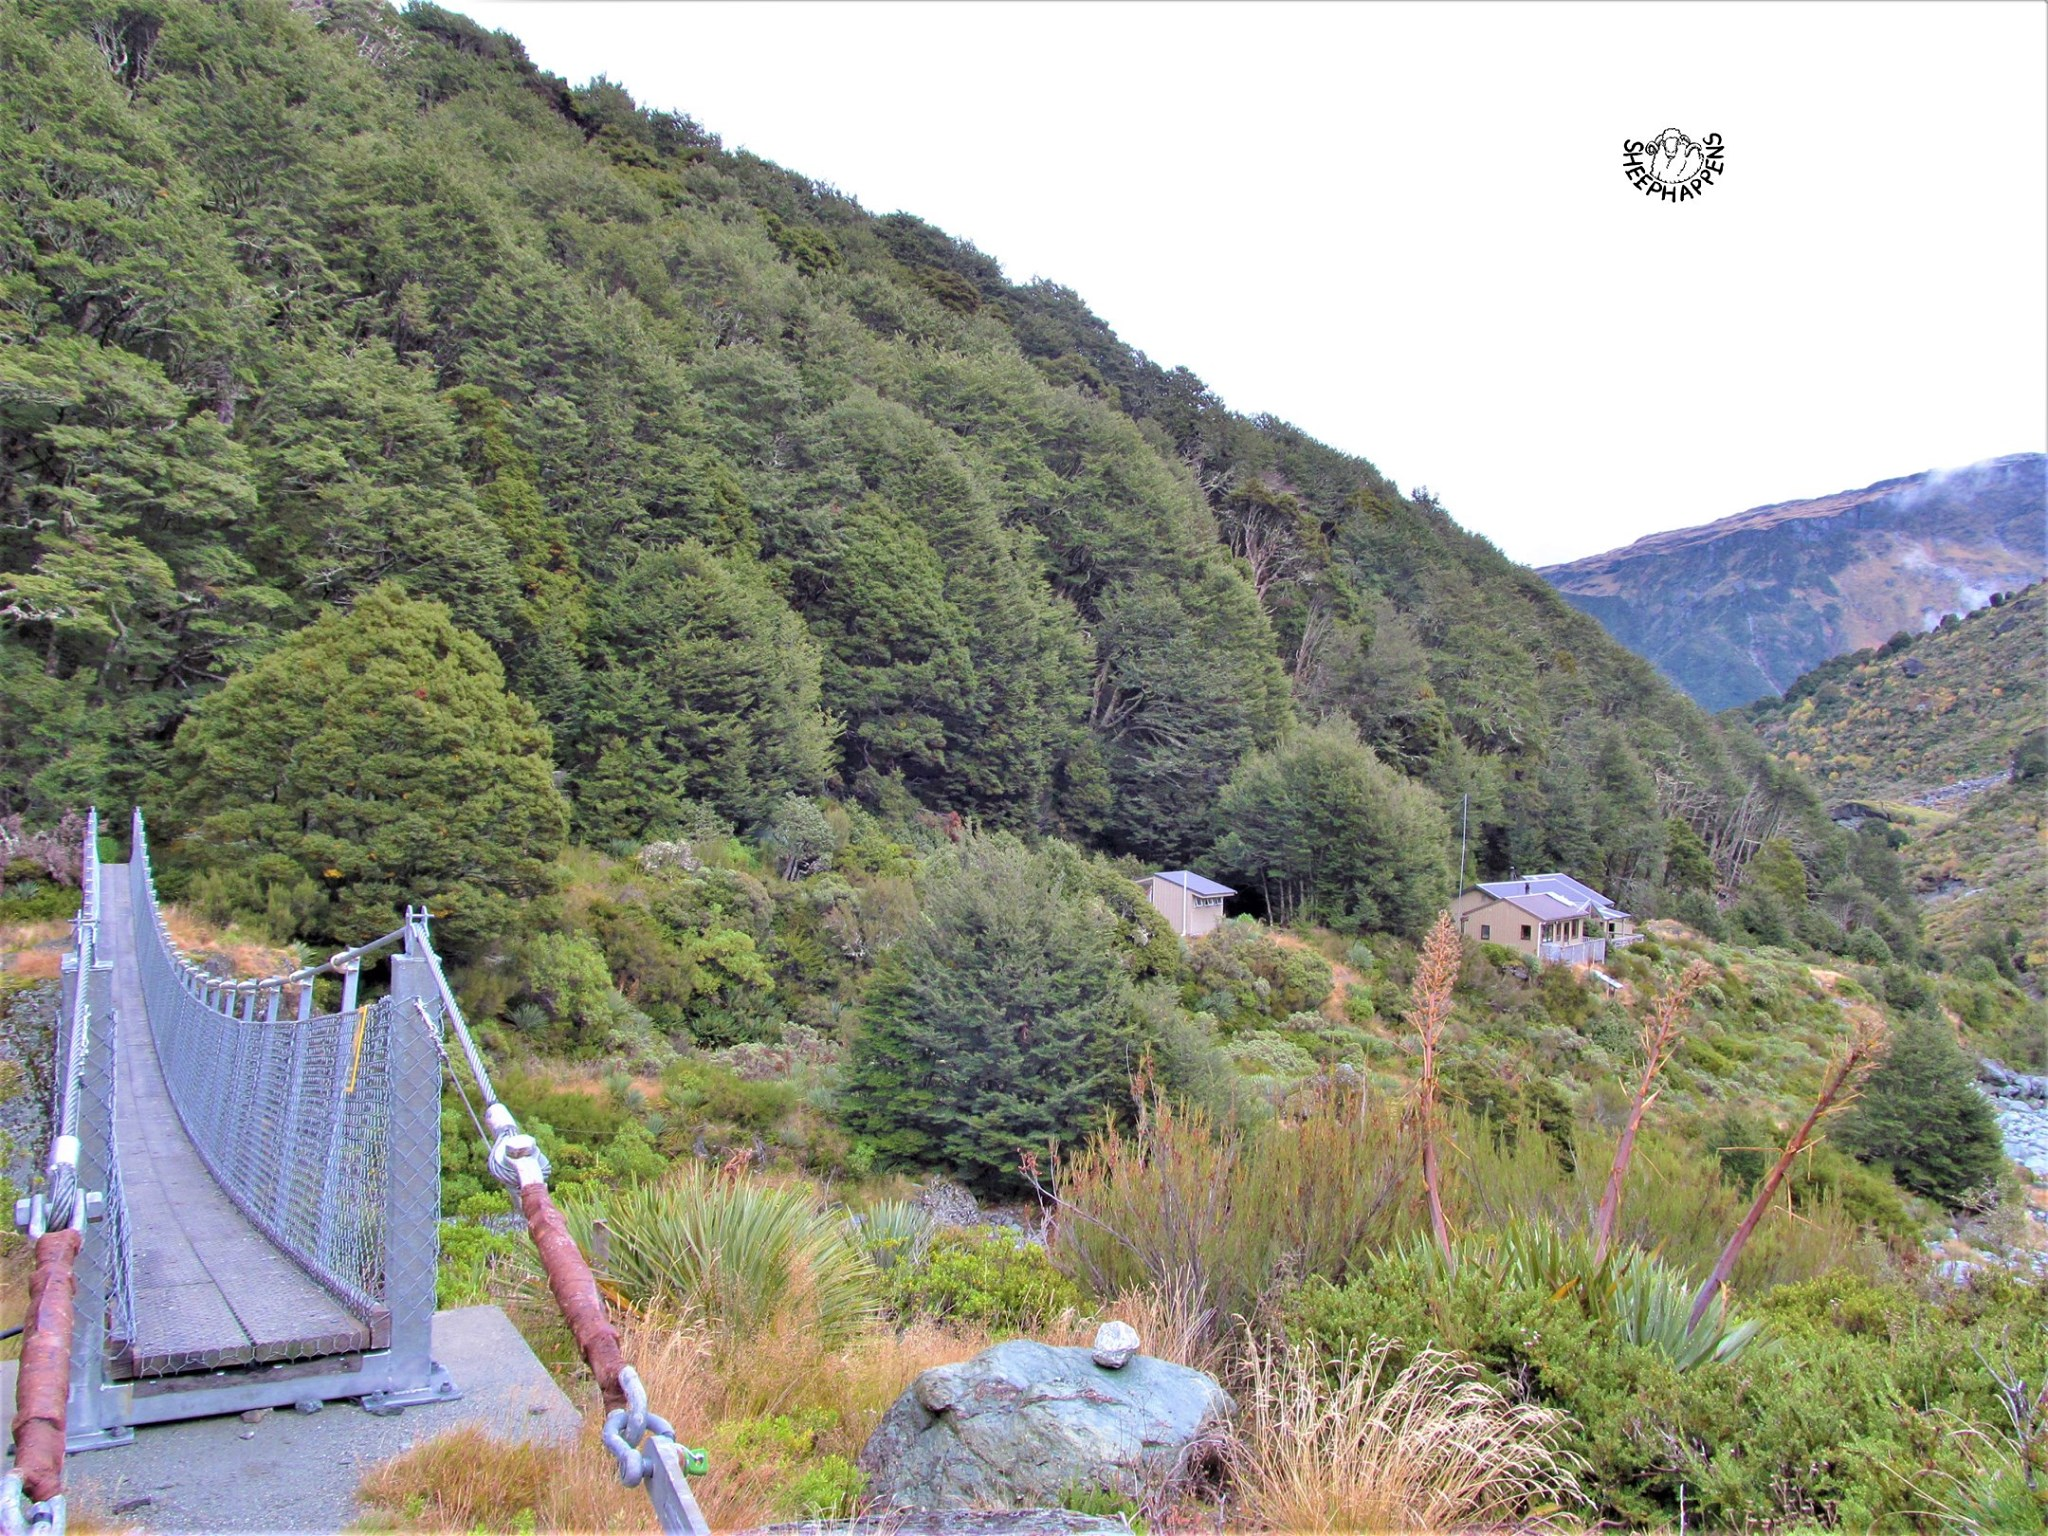 O srubech na Novém Zélandu